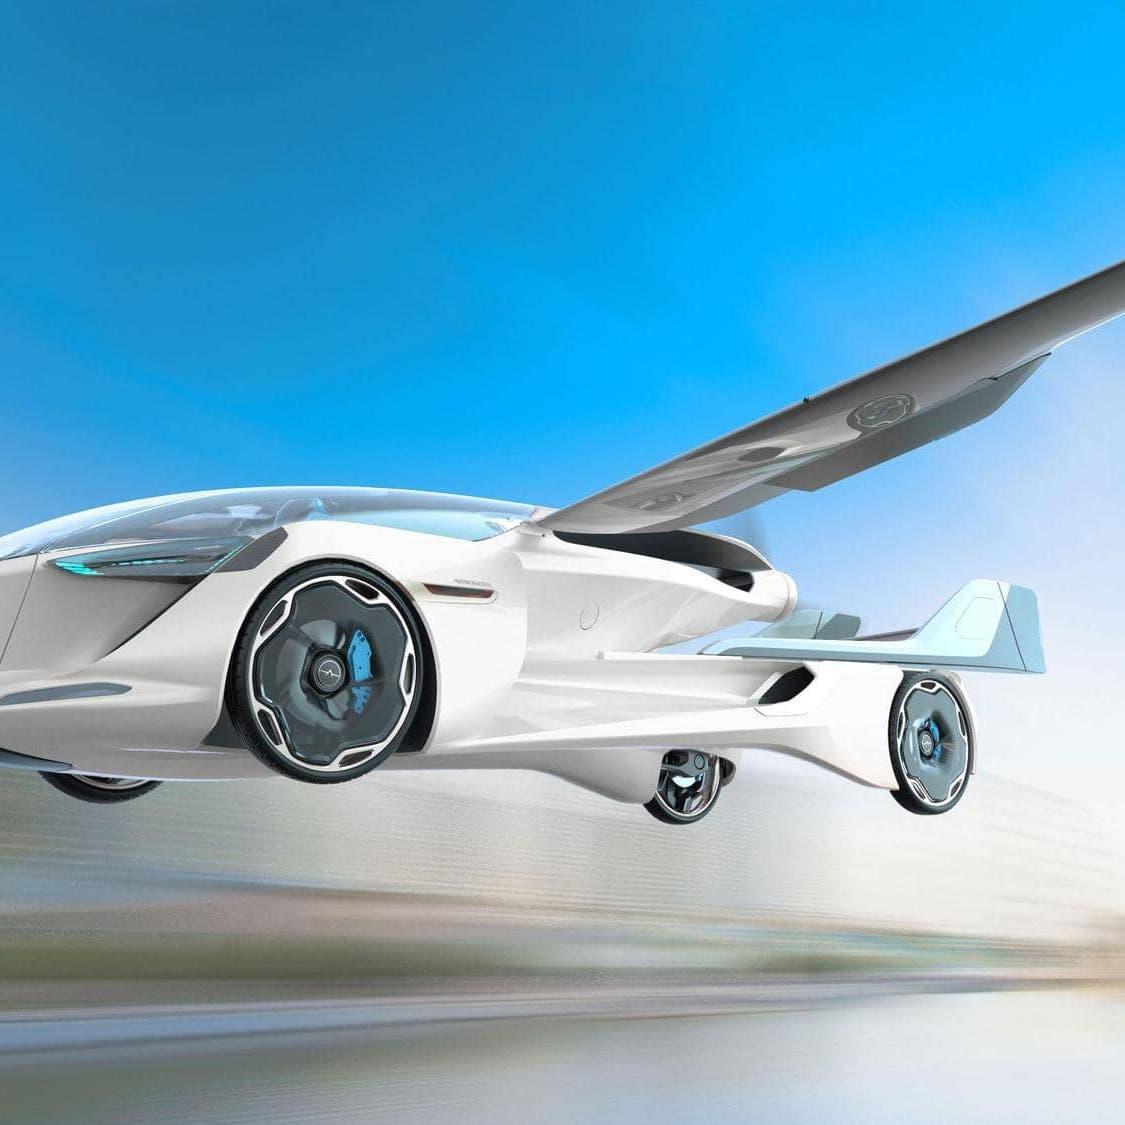 هيونداي: سيارات طائرة تحمل مسافرين وبضائع قد تدخل الخدمة في 2025